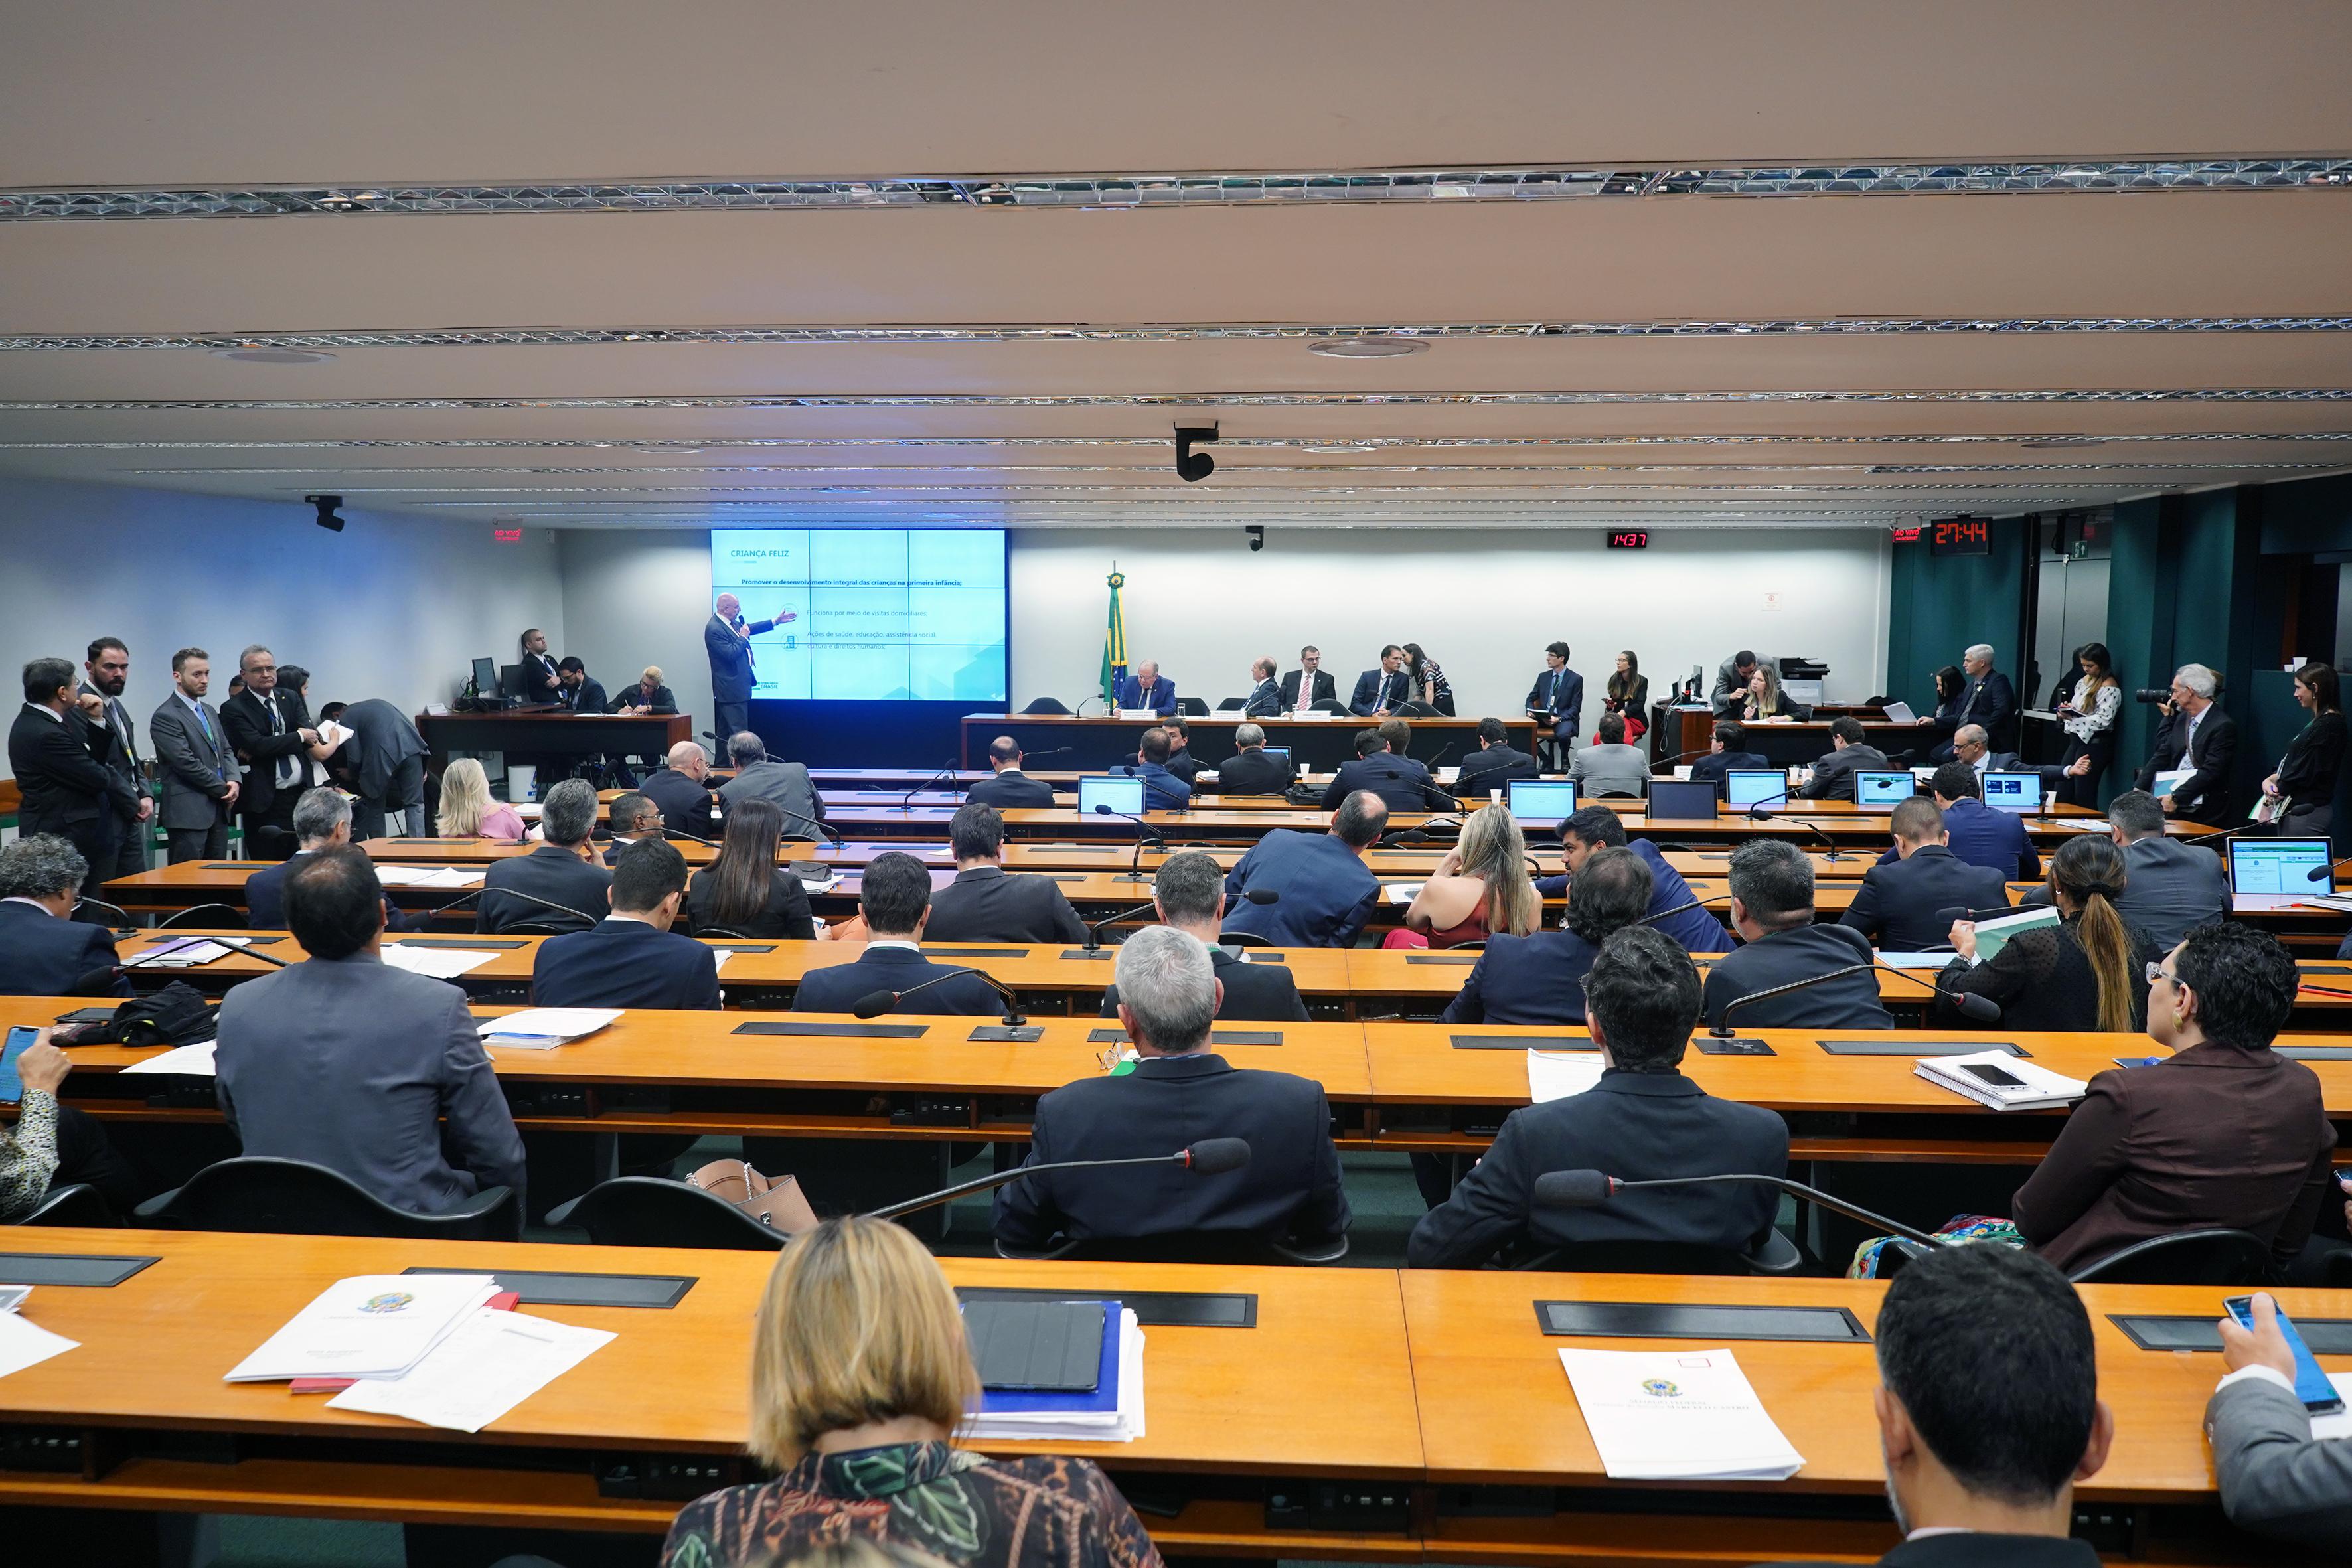 Audiência pública sobre as fontes orçamentárias que suportem as dotações constantes do PLN 4/2019 - CN